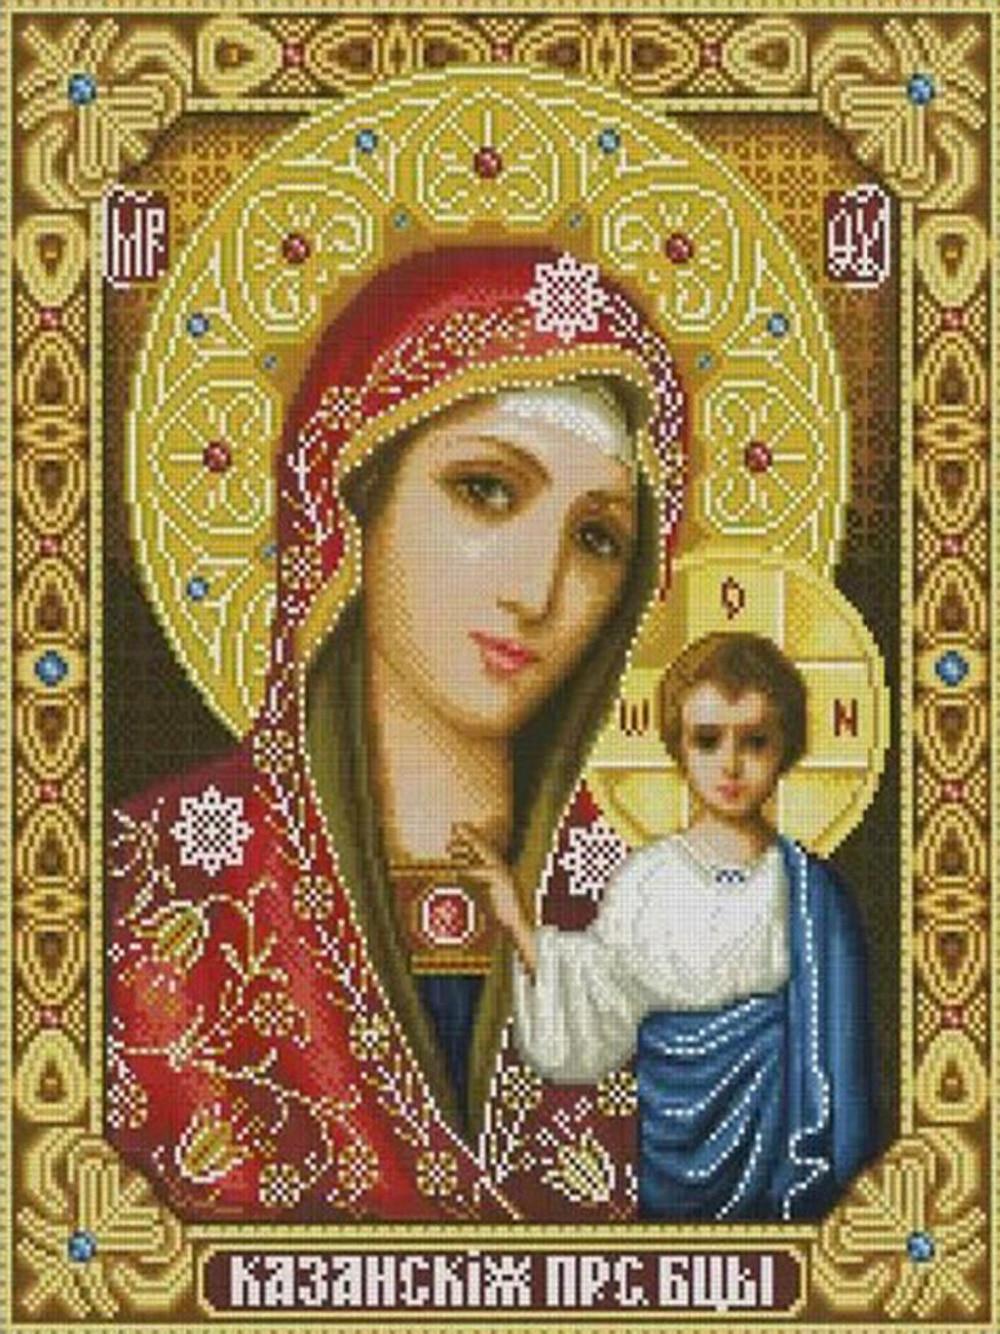 5D Diy Diamant Peinture Carré Diamant Mosaïque Religion Photos De Strass Point De Croix Décoration de Diamant de Broderie Icônes